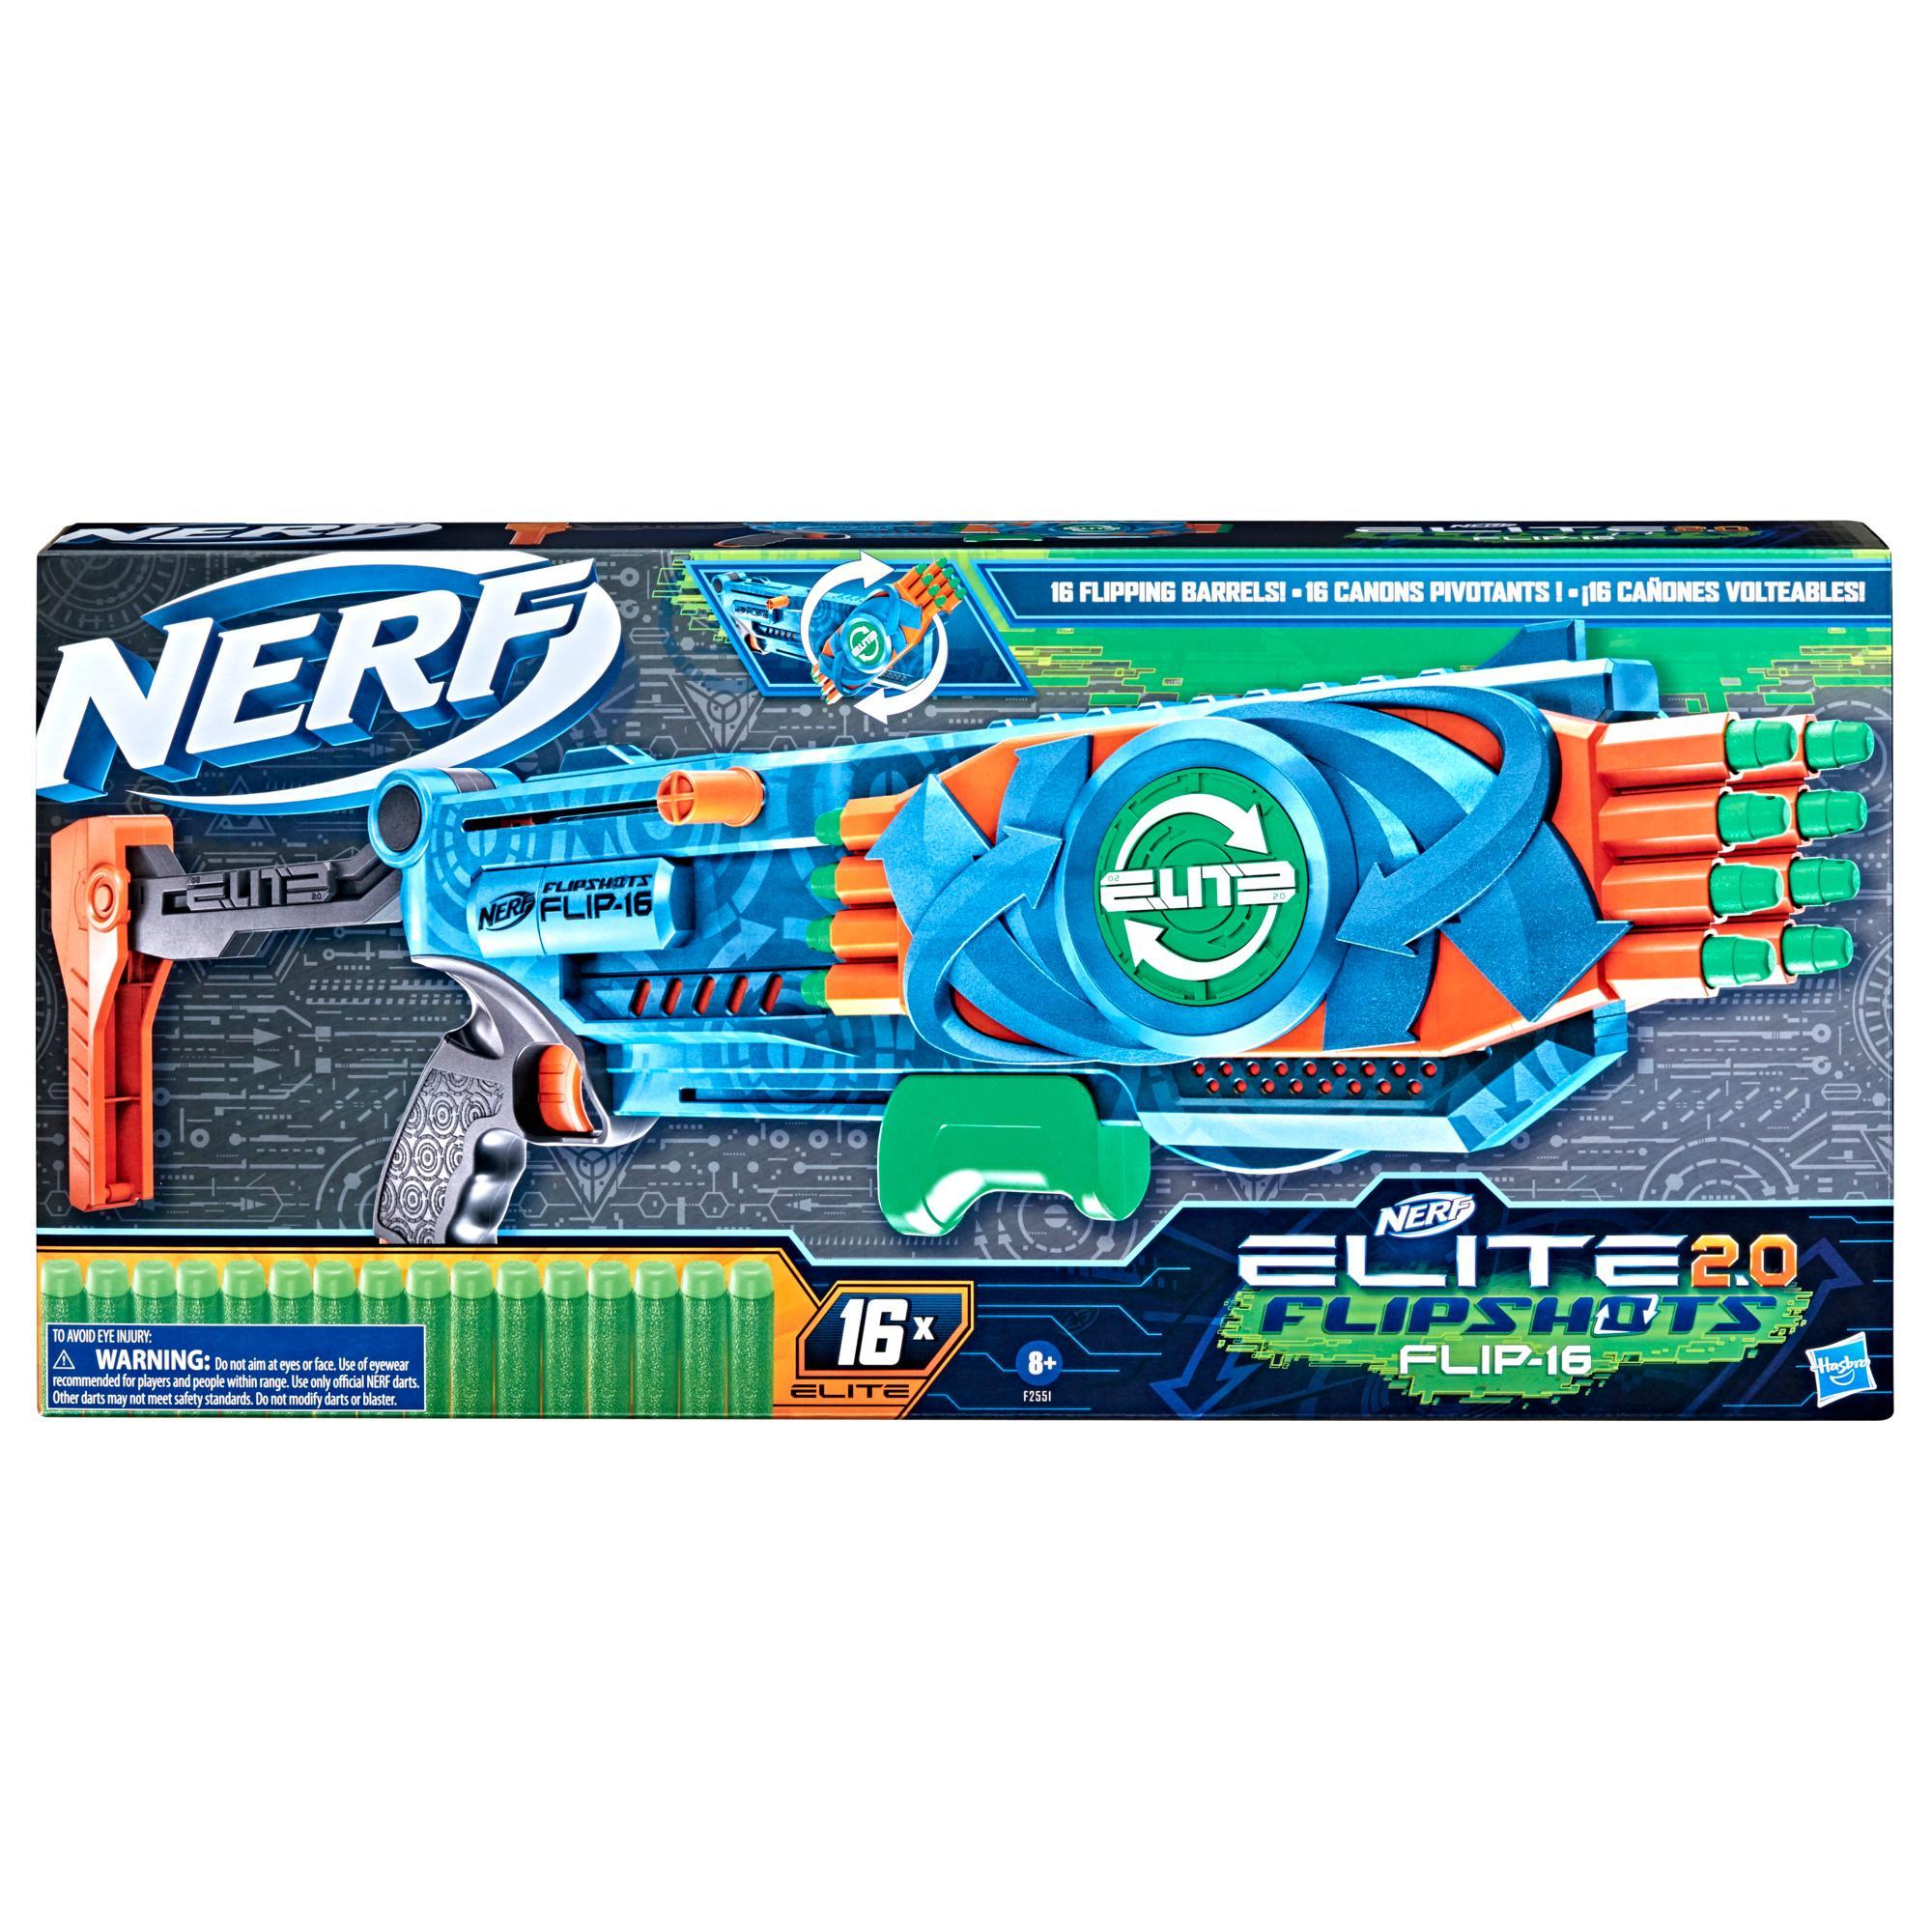 Nerf Elite 2.0, Flipshots Flip-16